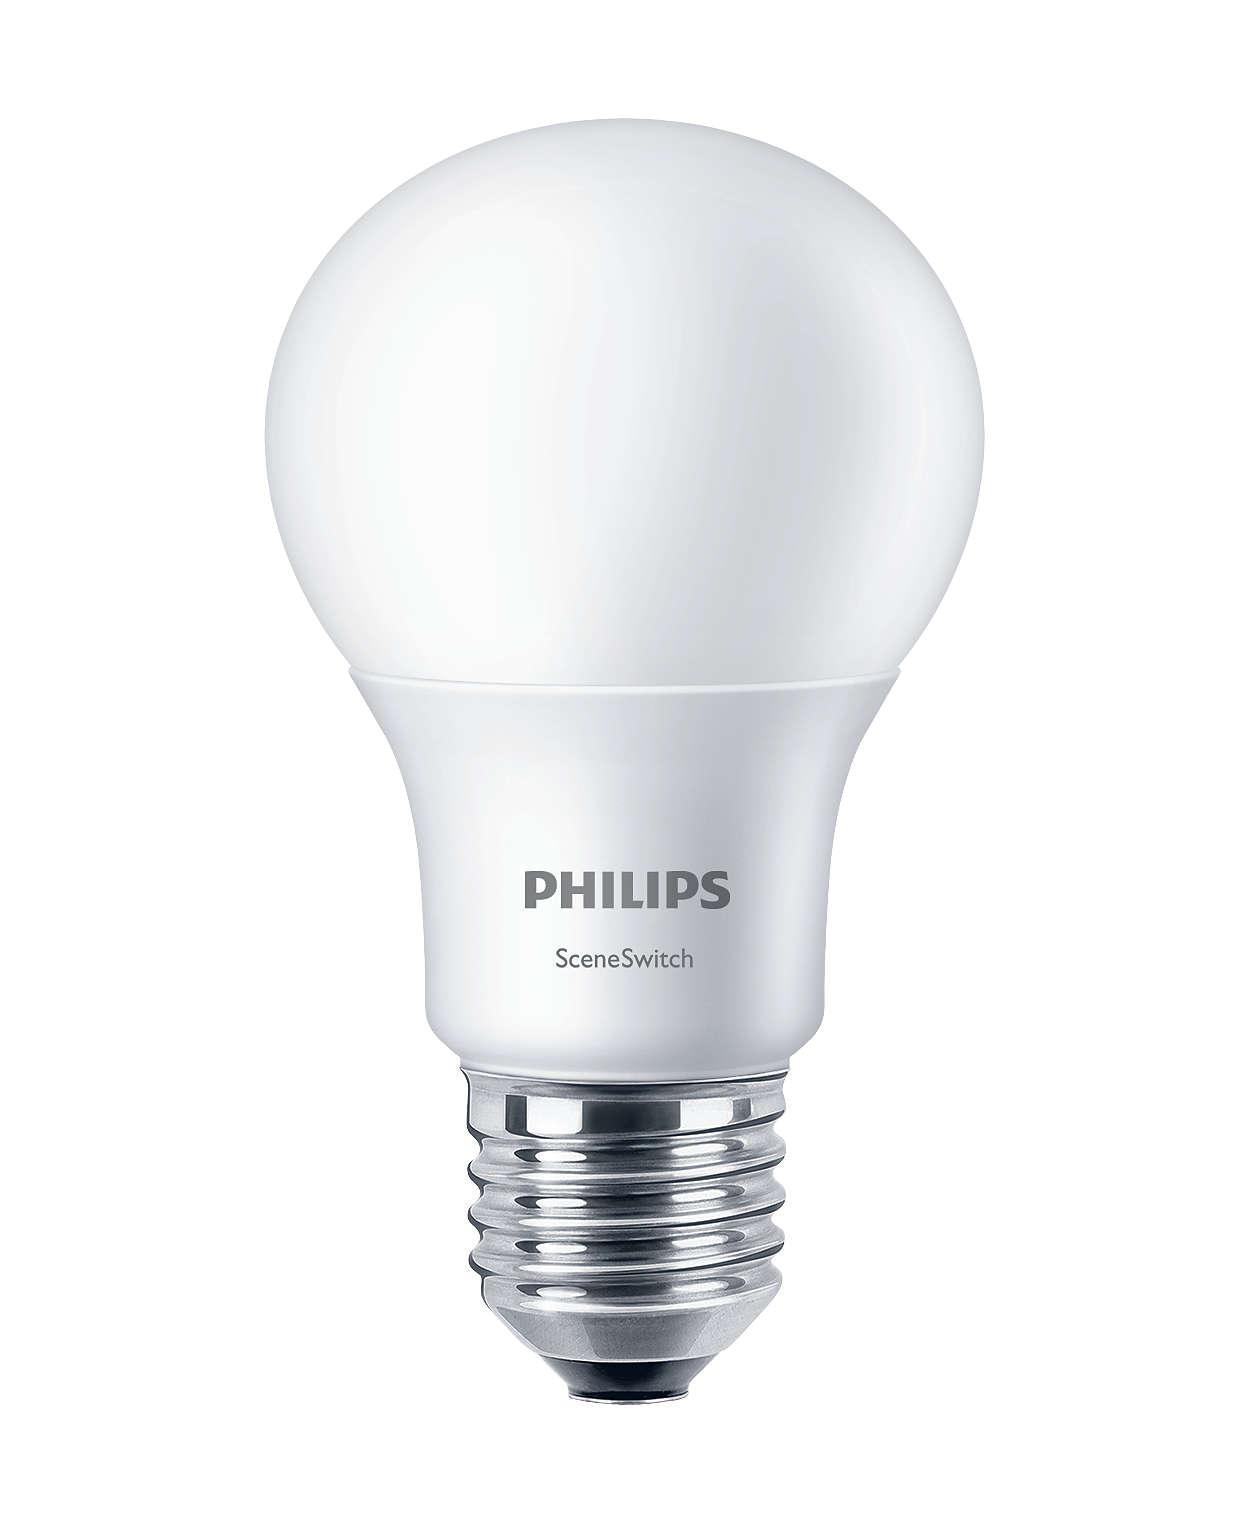 Cambia le impostazioni della luce senza sostituire le lampadine